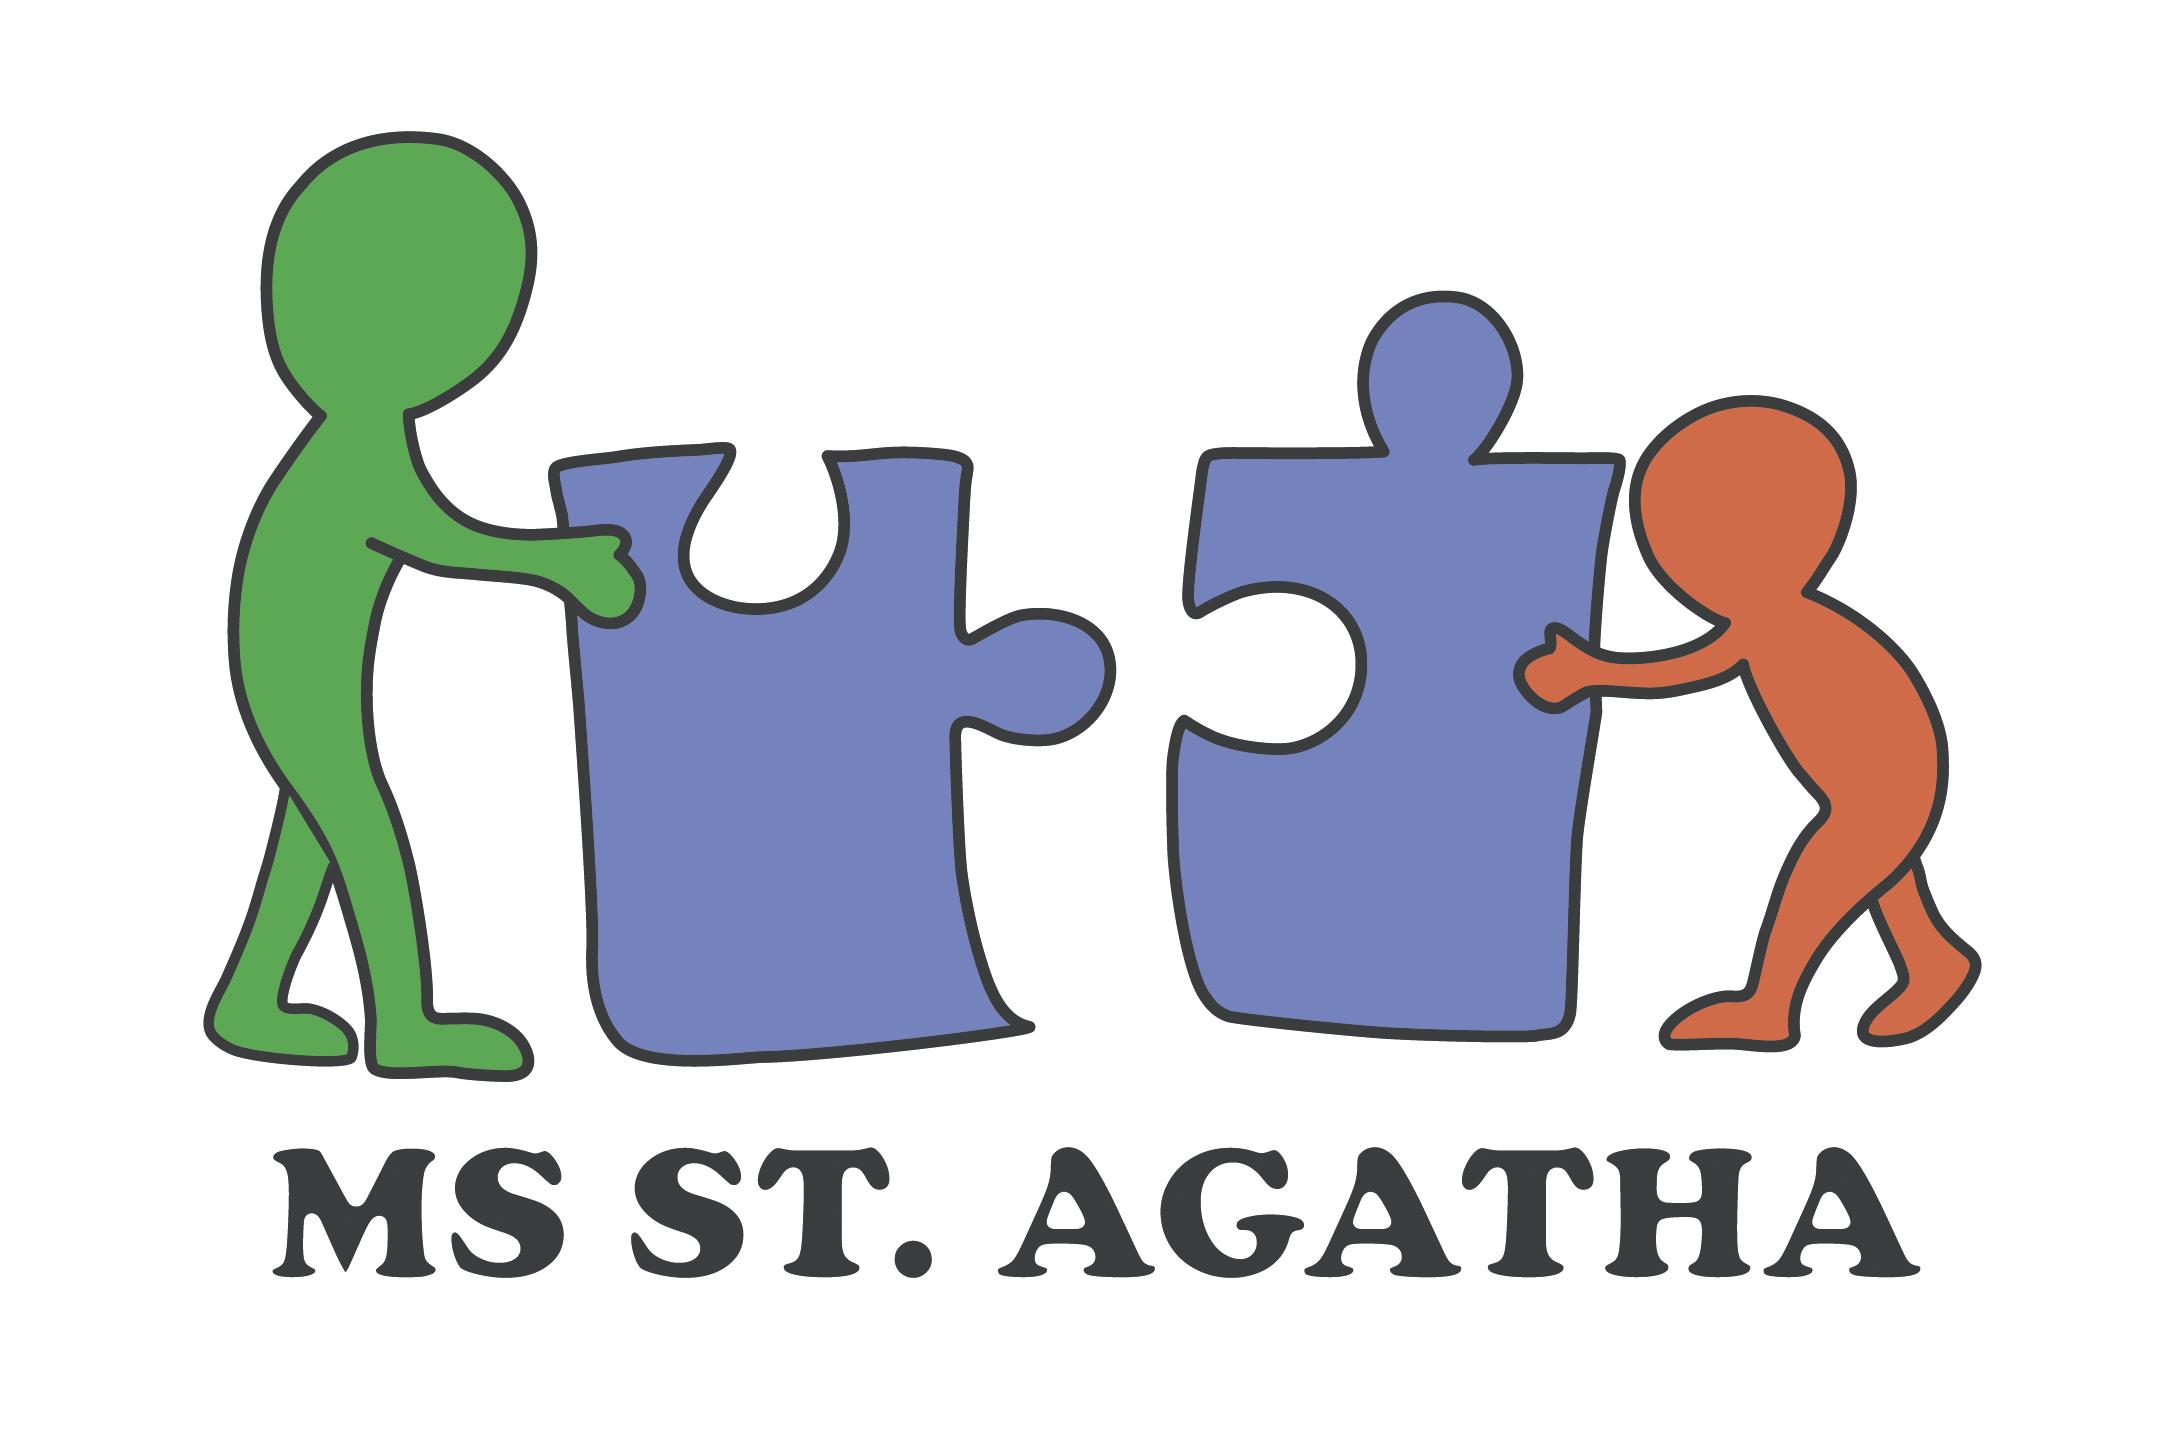 MS ST. AGATHA